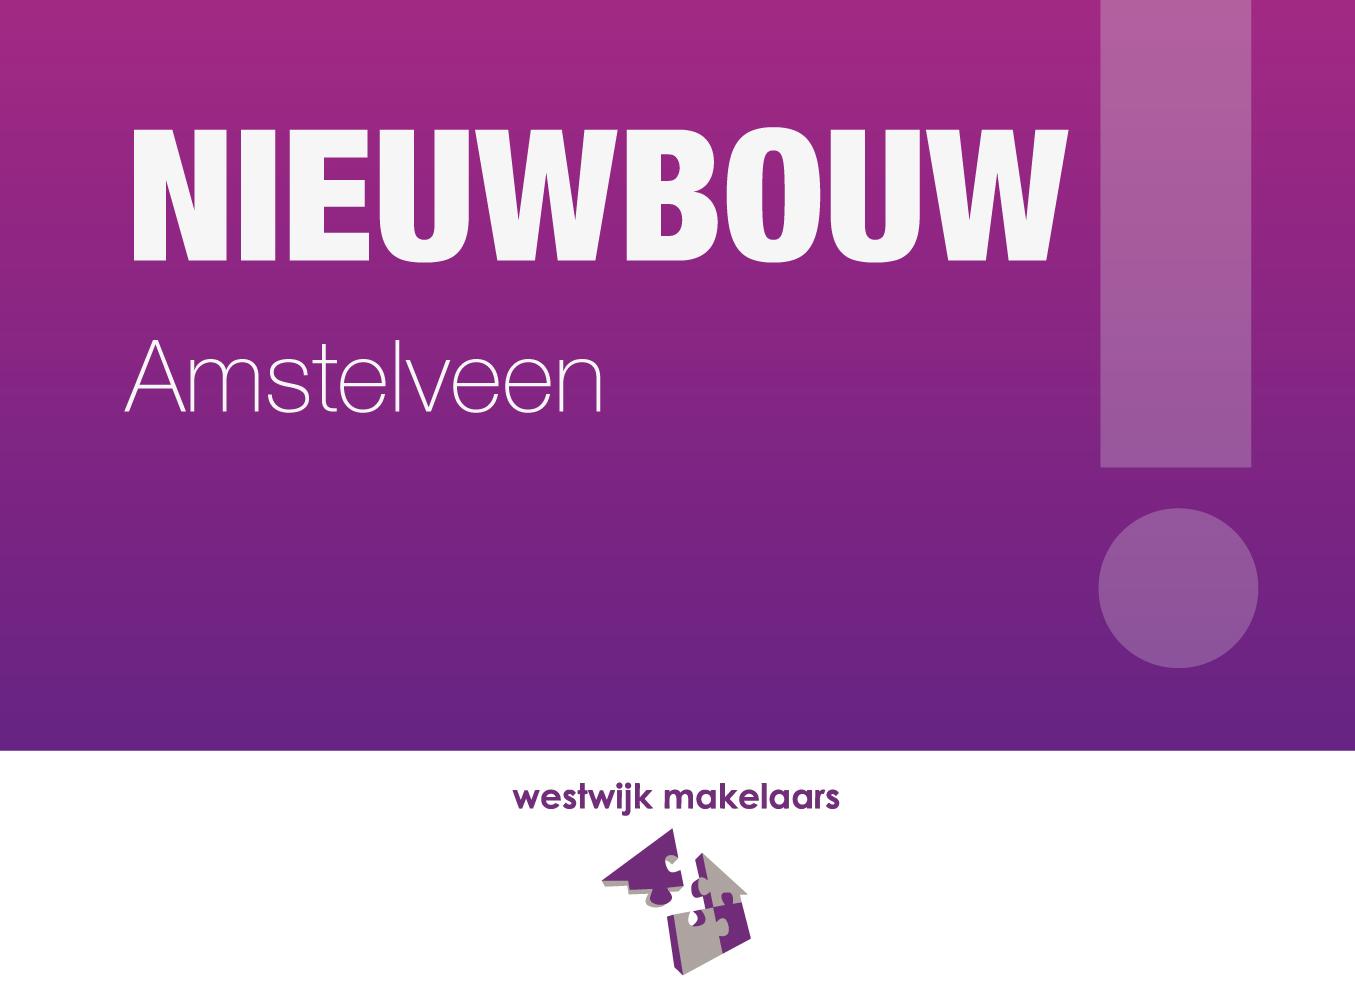 Nieuwbouw Amstelveen